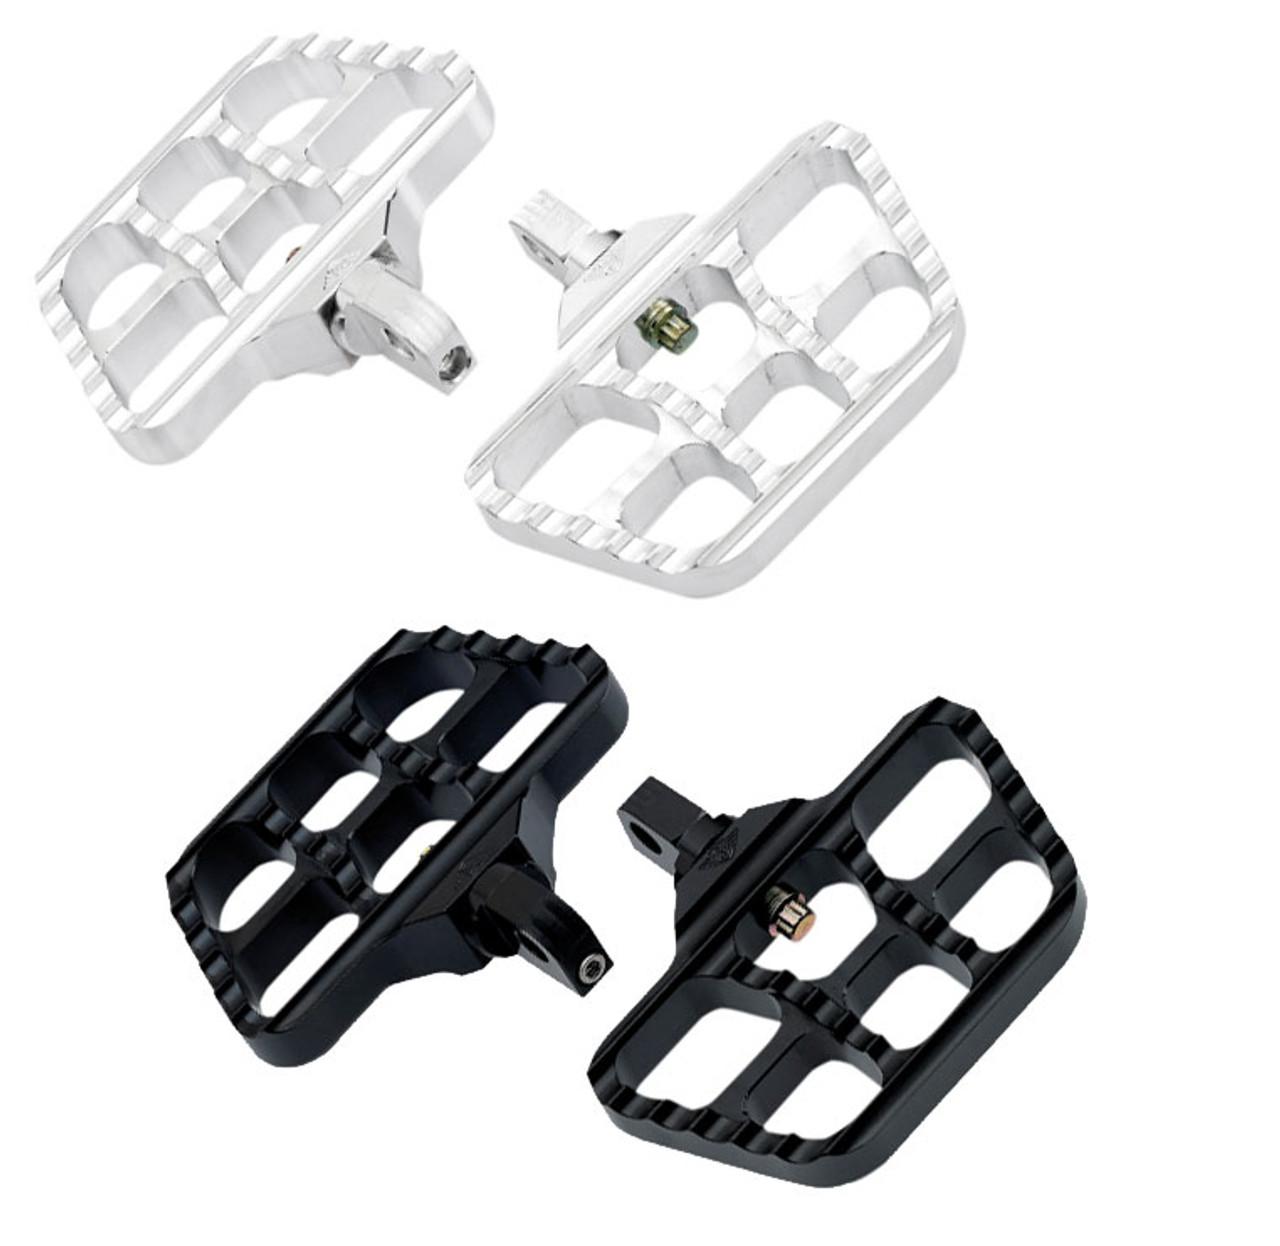 Joker Machine Mini Serrated Floorboards for Harley Davidson Footpeg Mounts - Choose Chrome or Black - WestEndMotorsports.com